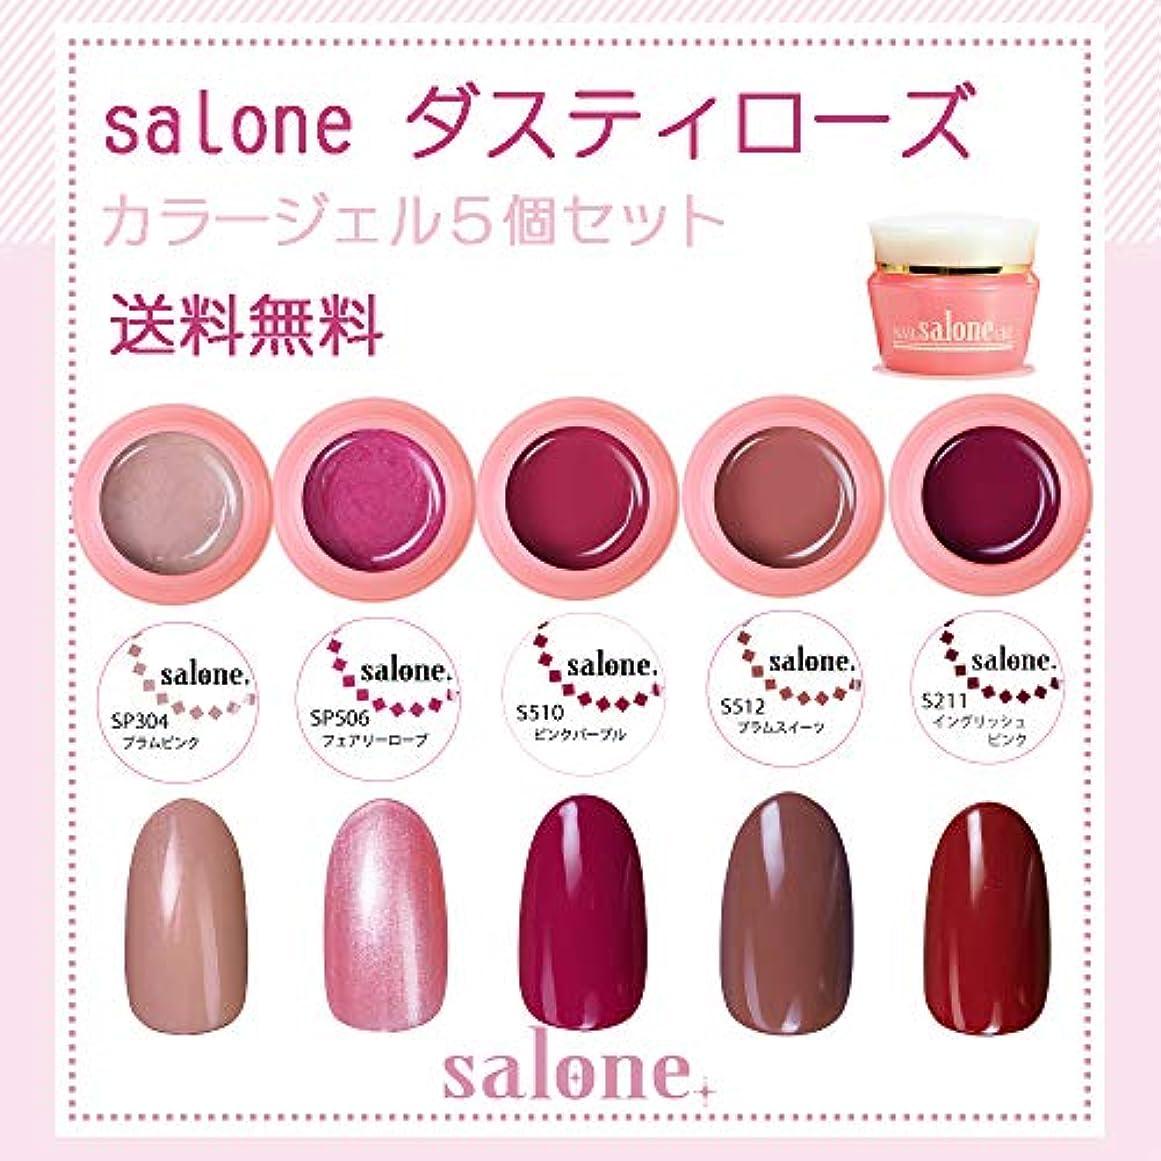 寂しい蚊ハッチ【送料無料 日本製】Salone ダスティローズ カラージェル5個セット ネイルのマストカラーのローズ系カラー